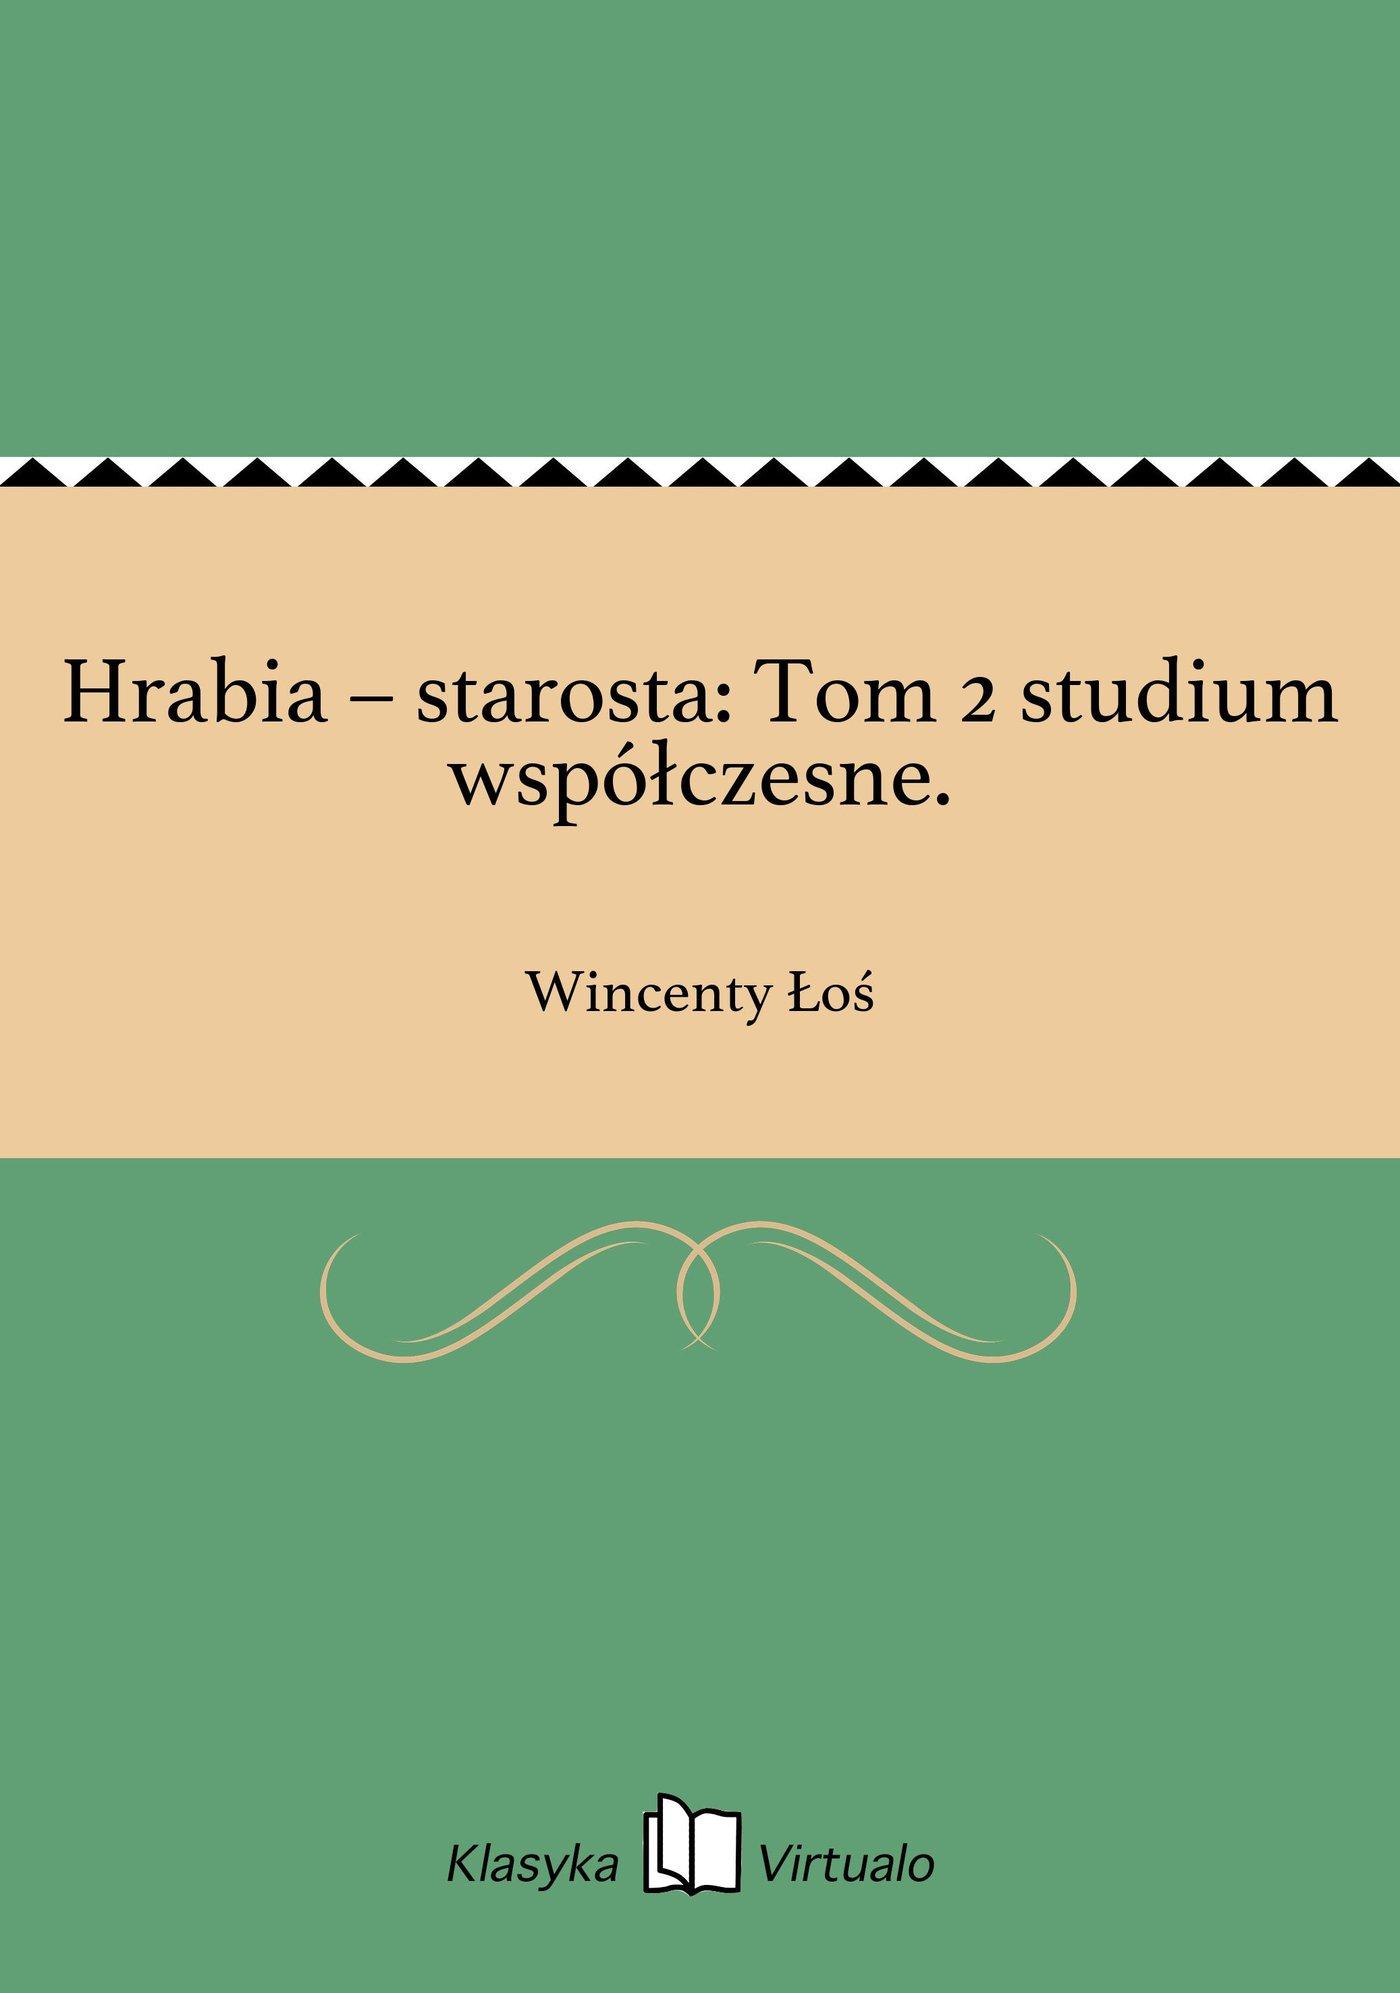 Hrabia – starosta: Tom 2 studium współczesne. - Ebook (Książka EPUB) do pobrania w formacie EPUB